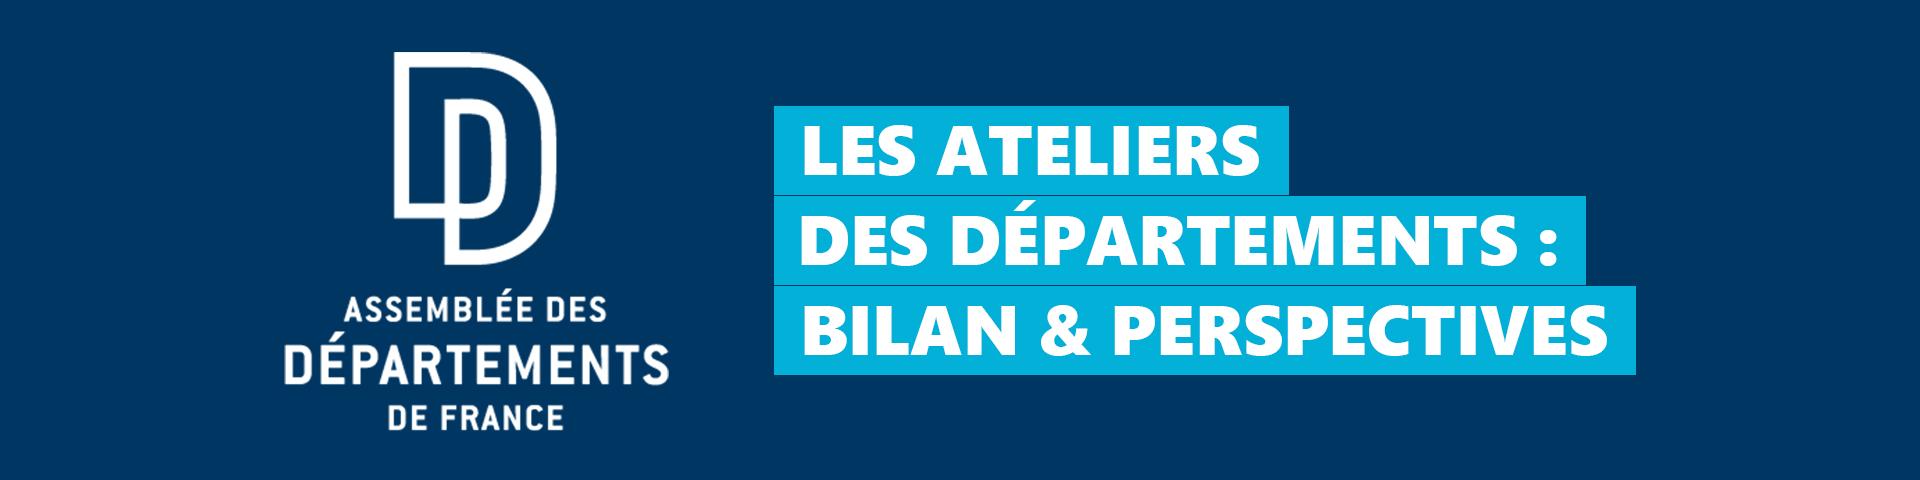 Expression publique du 28 avril 2021 : « Départements : bilan et perspectives »